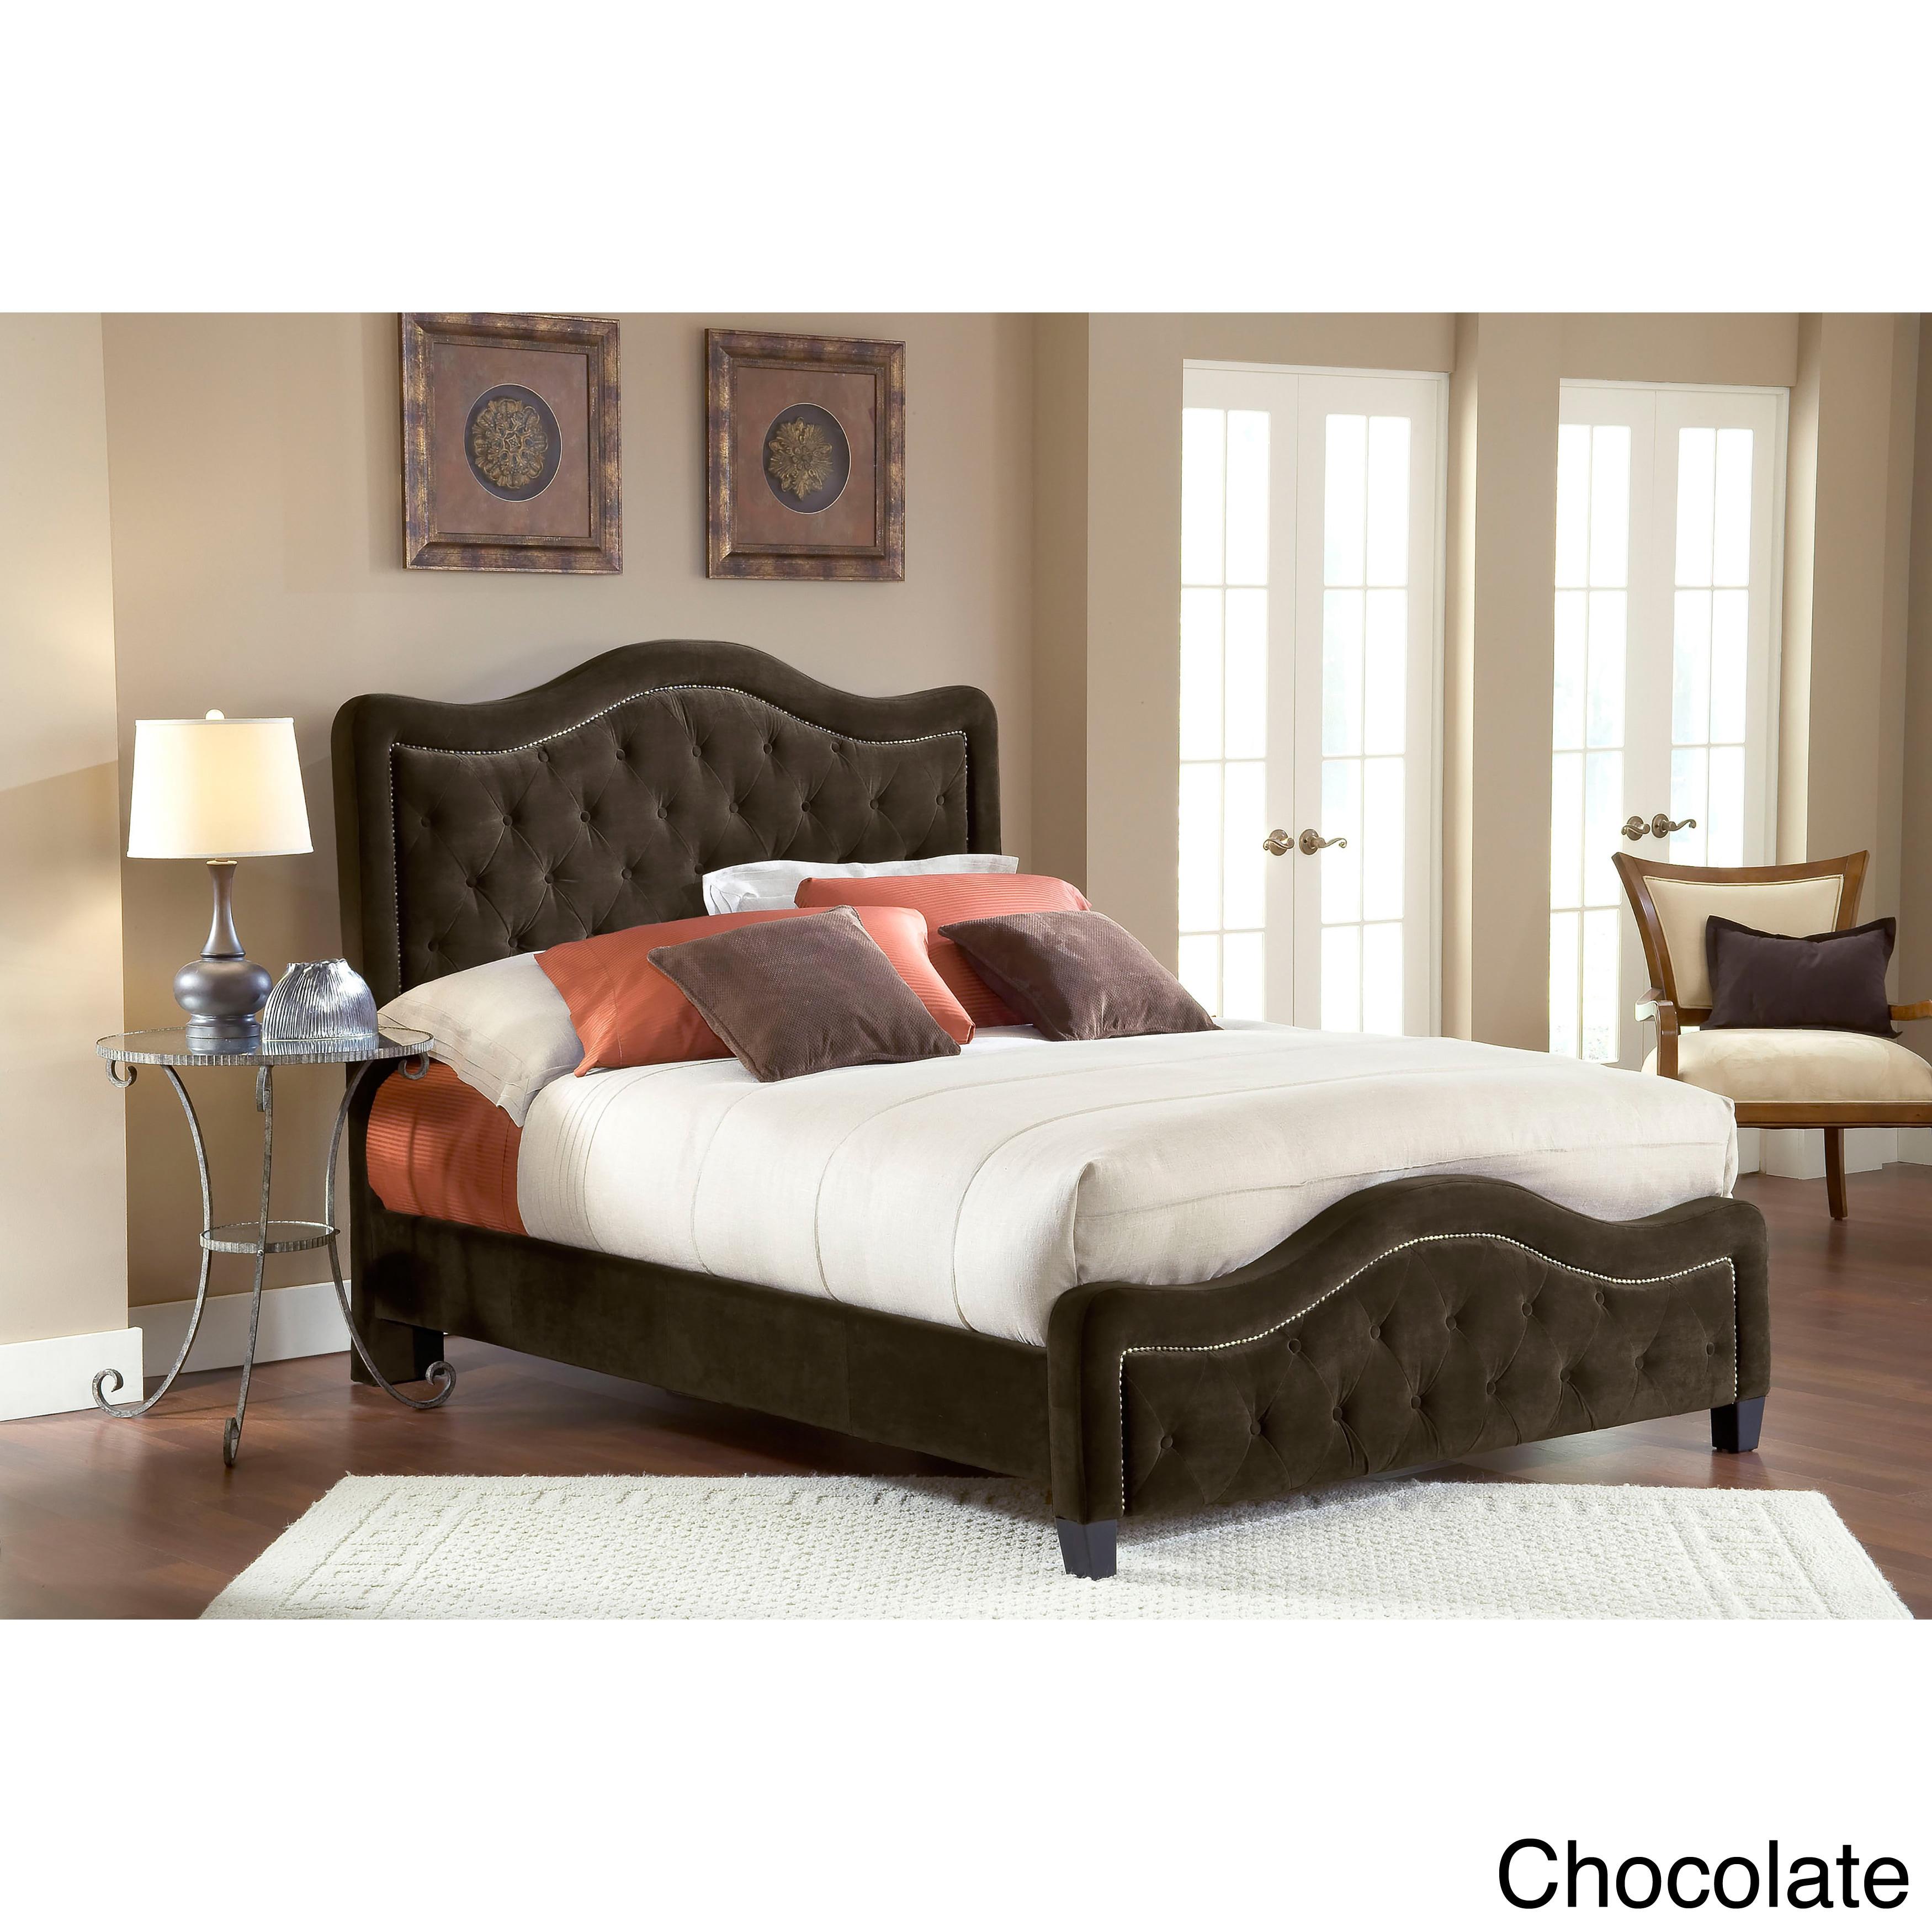 button mat play image mattress video king set tempur cloud cloudsupremebreeze breeze luxe product br